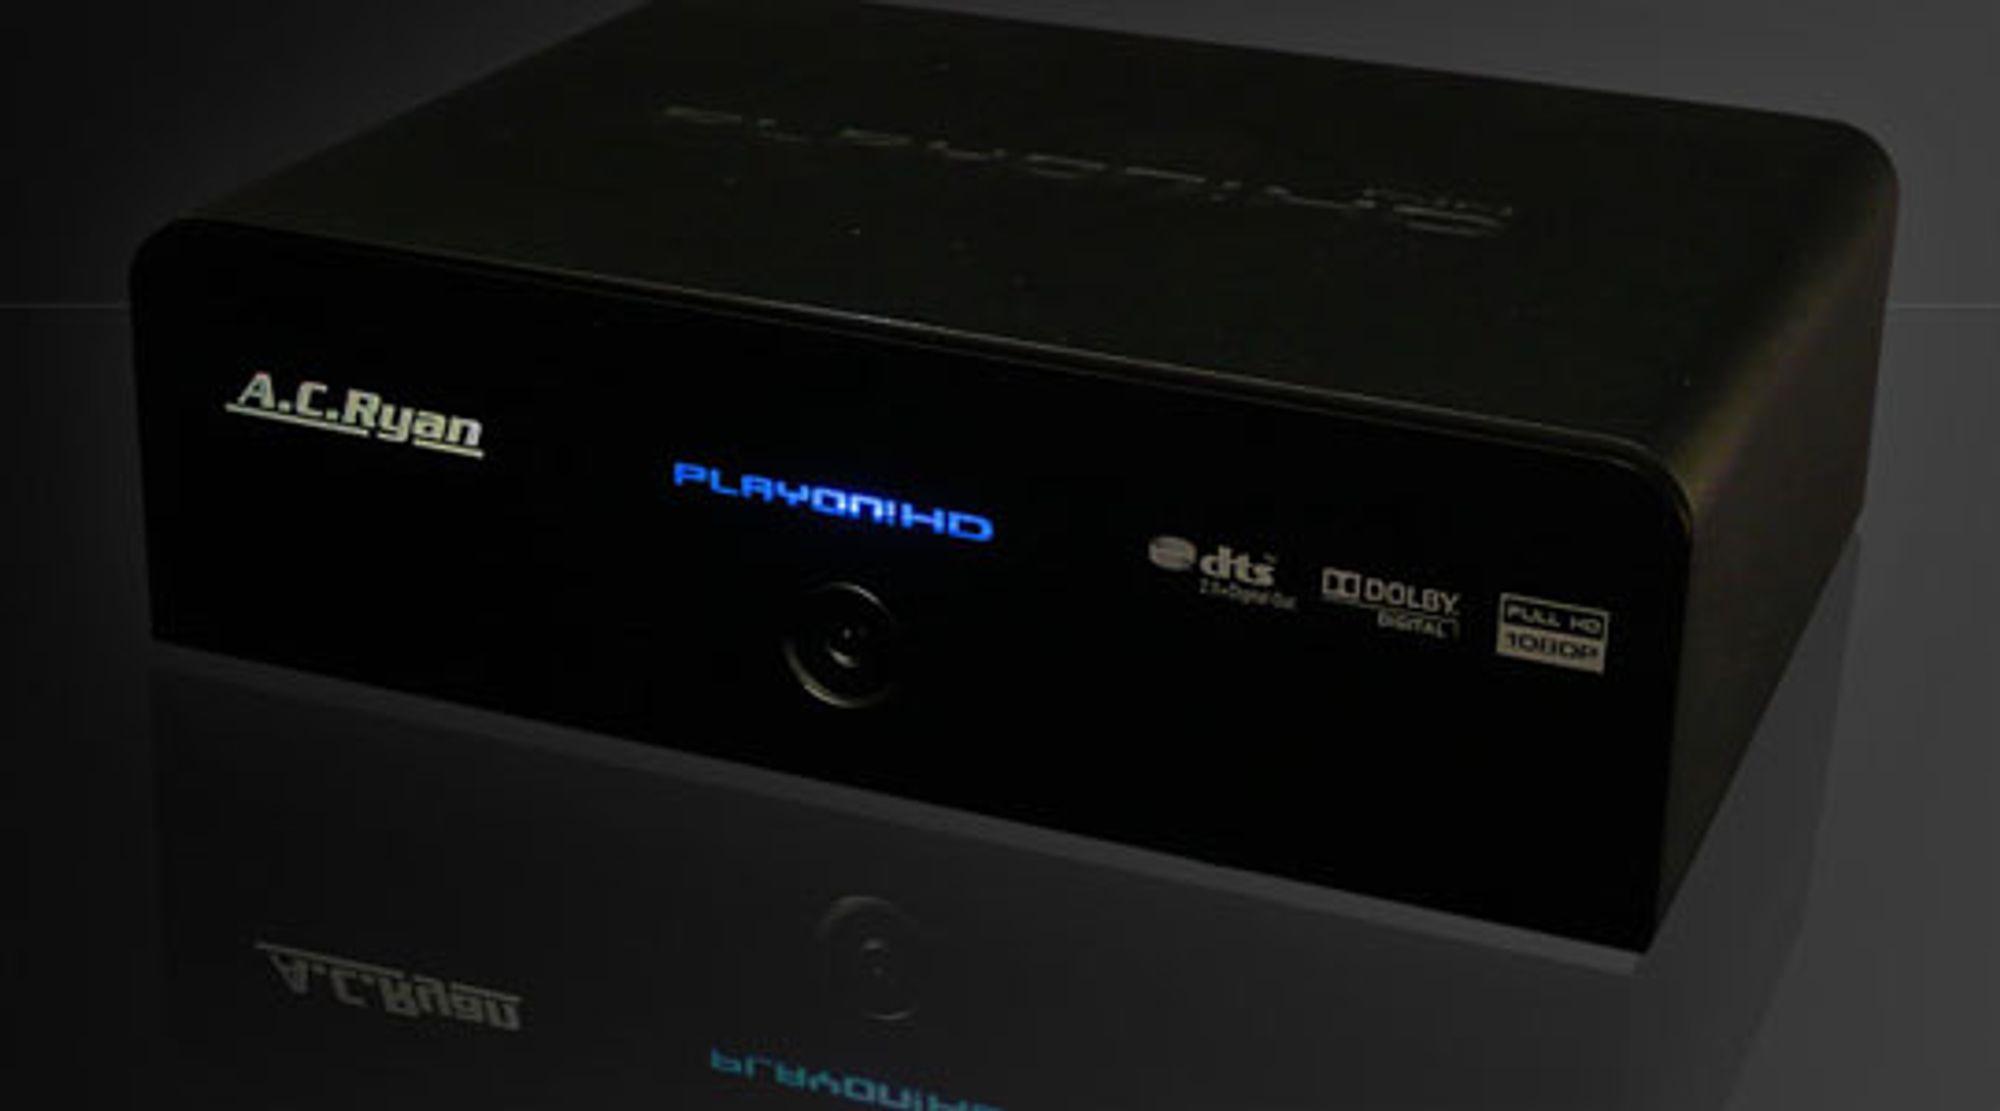 Playon HD Mini